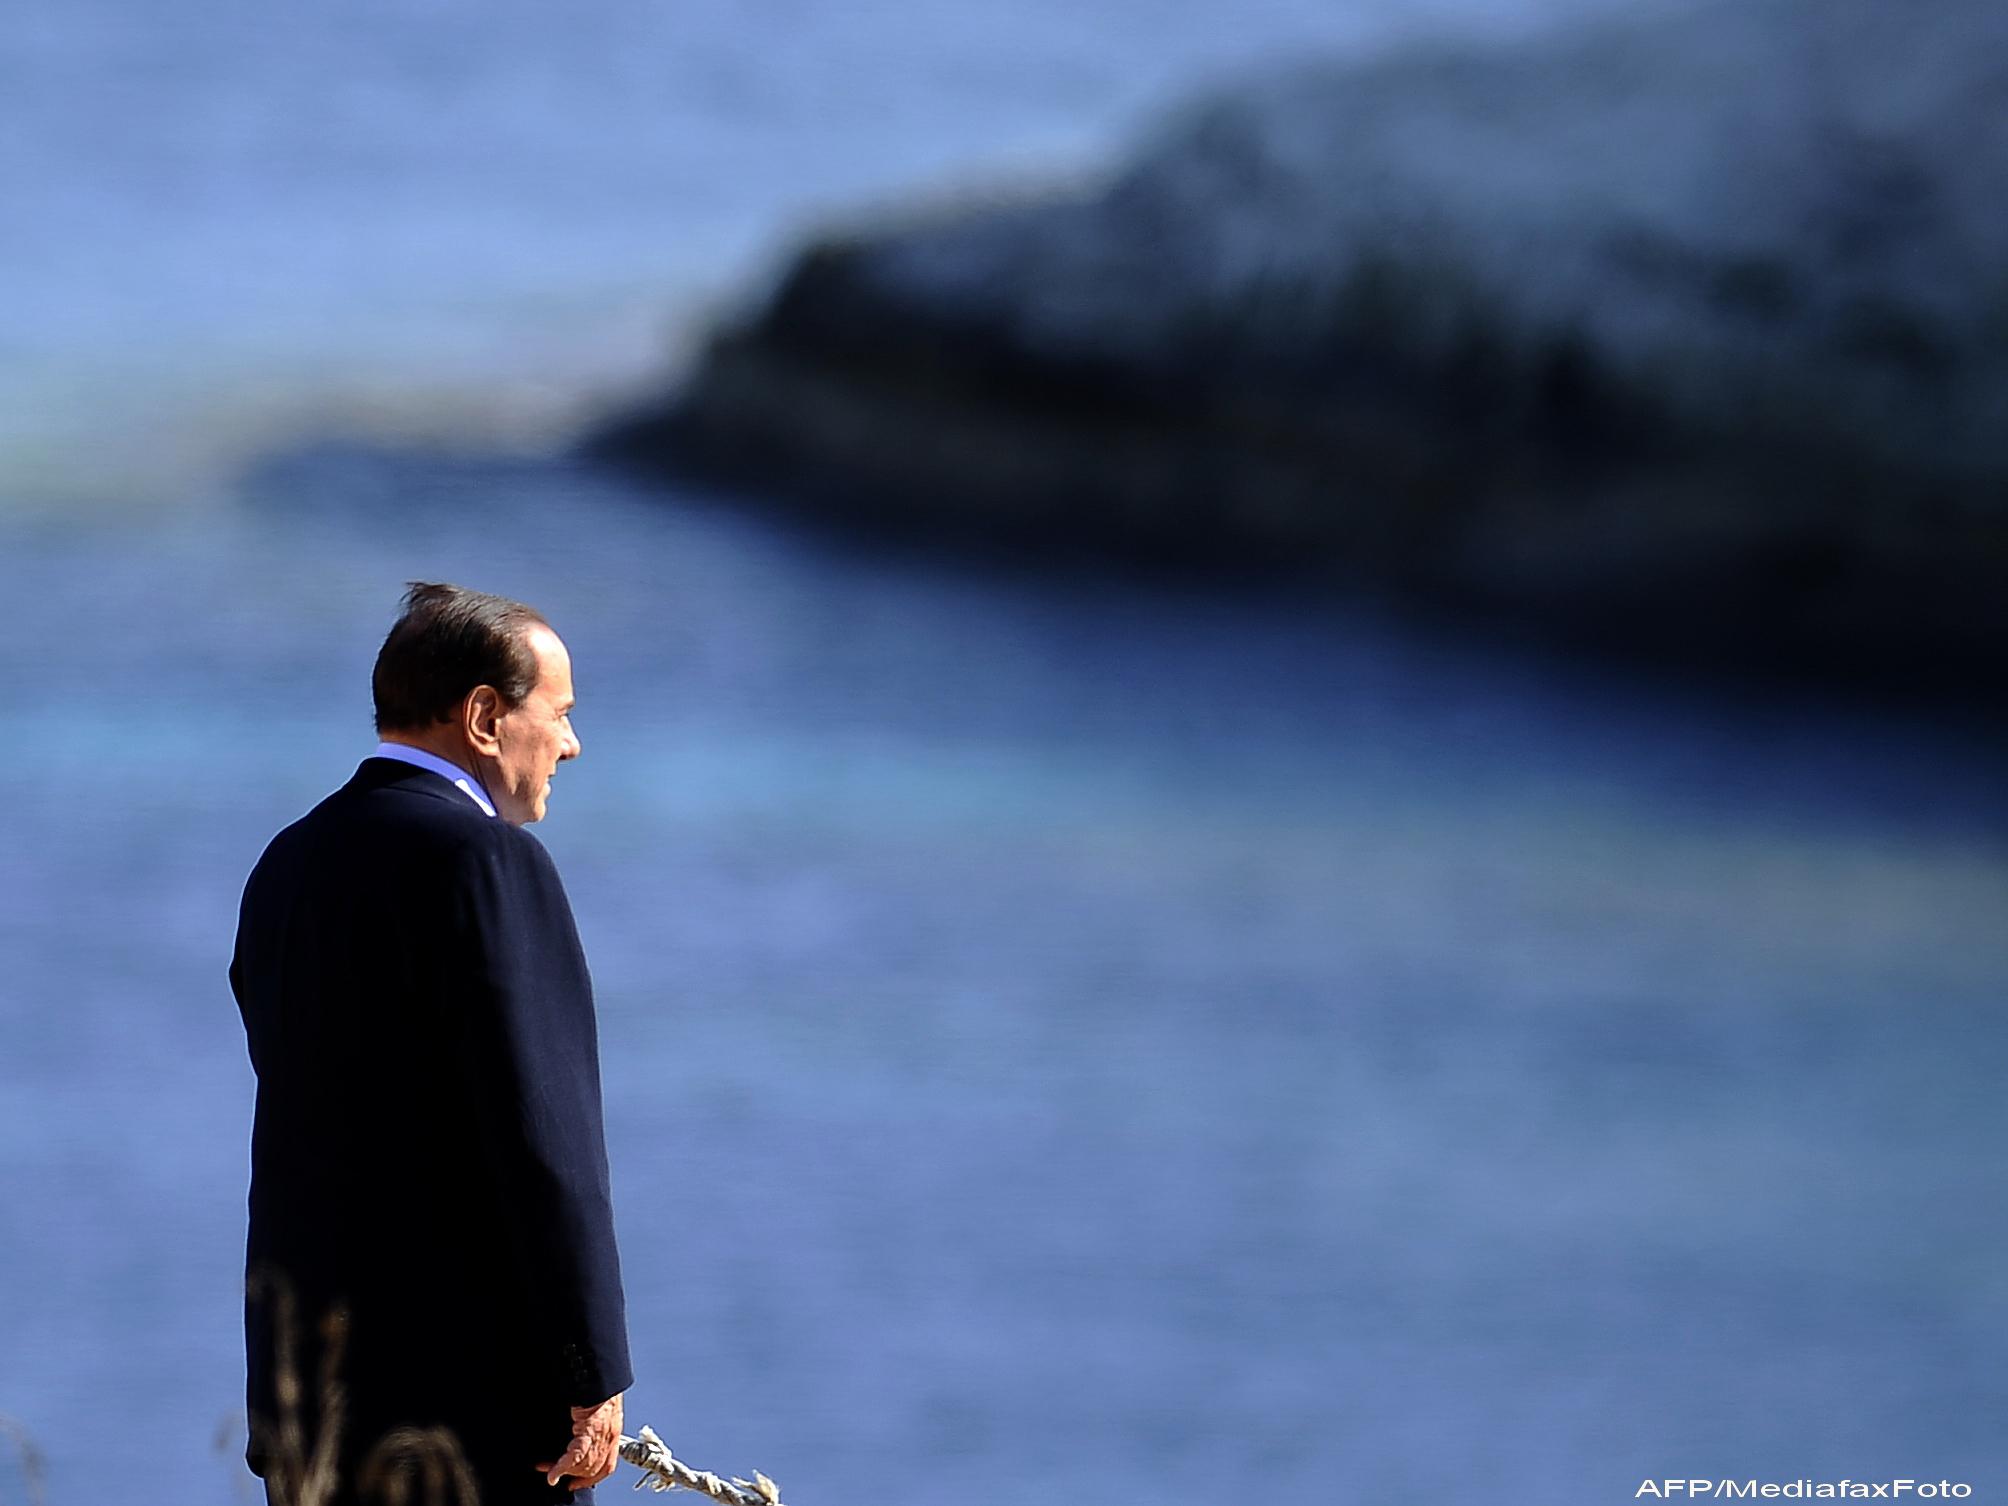 Optiunile lui Silvio Berlusconi dupa demisie: fuga la tropice sau incercarea de a reveni in politica